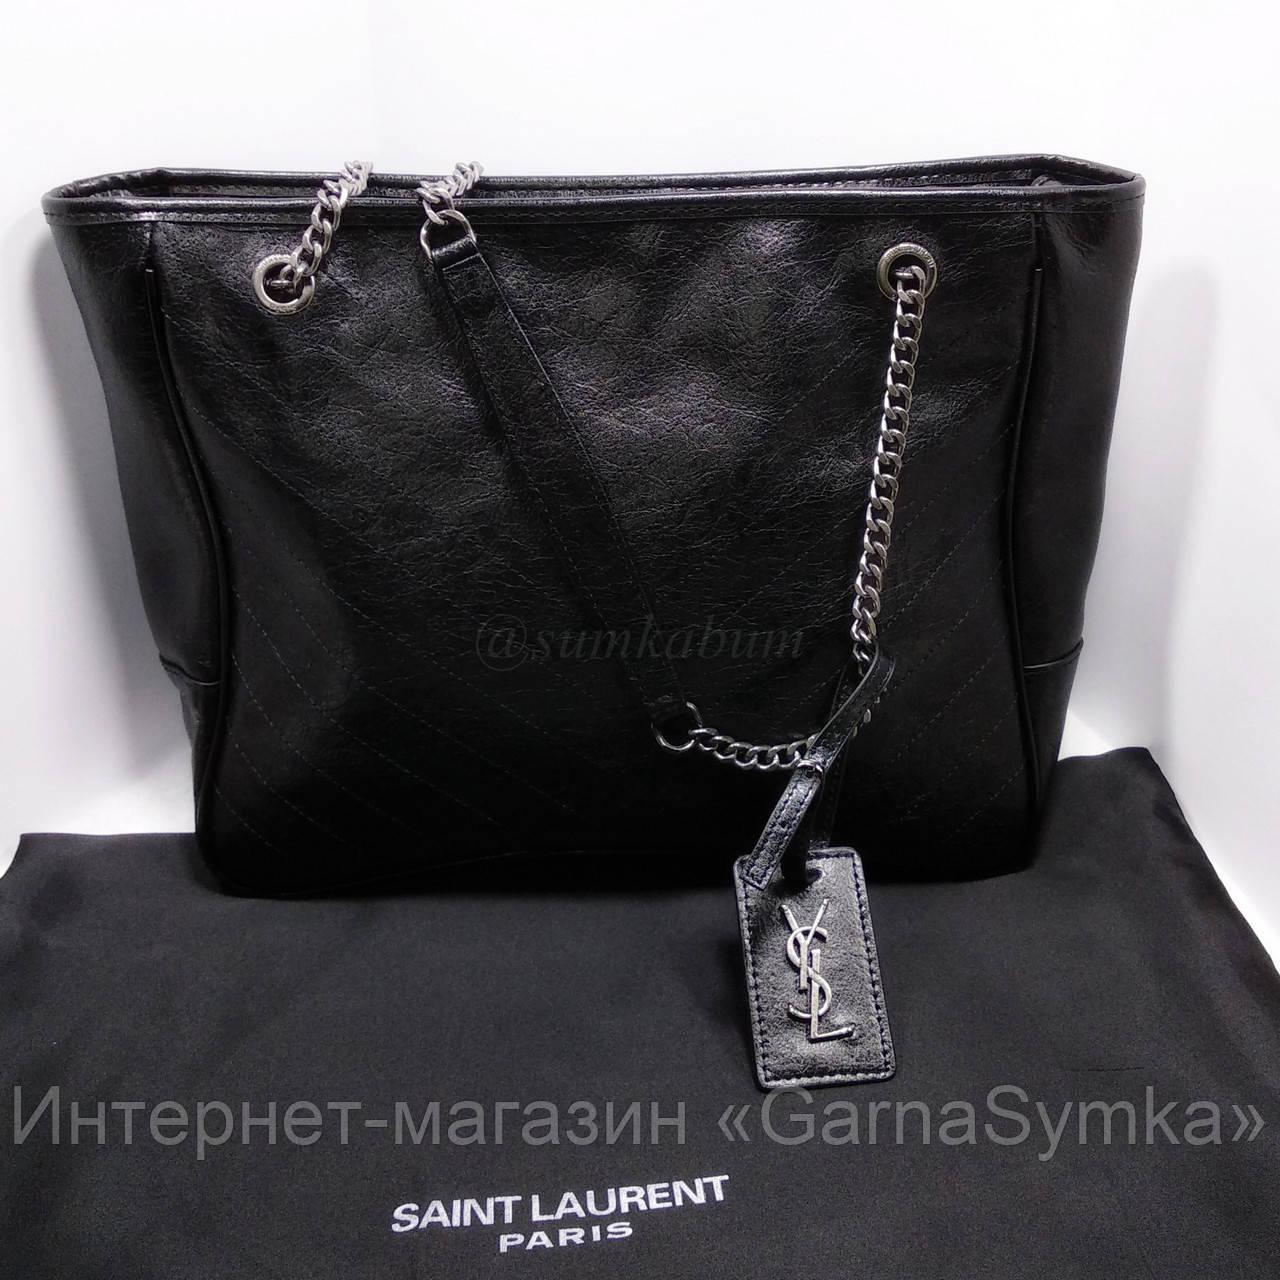 Очень удобная и вместительная сумка из натуральной кожи